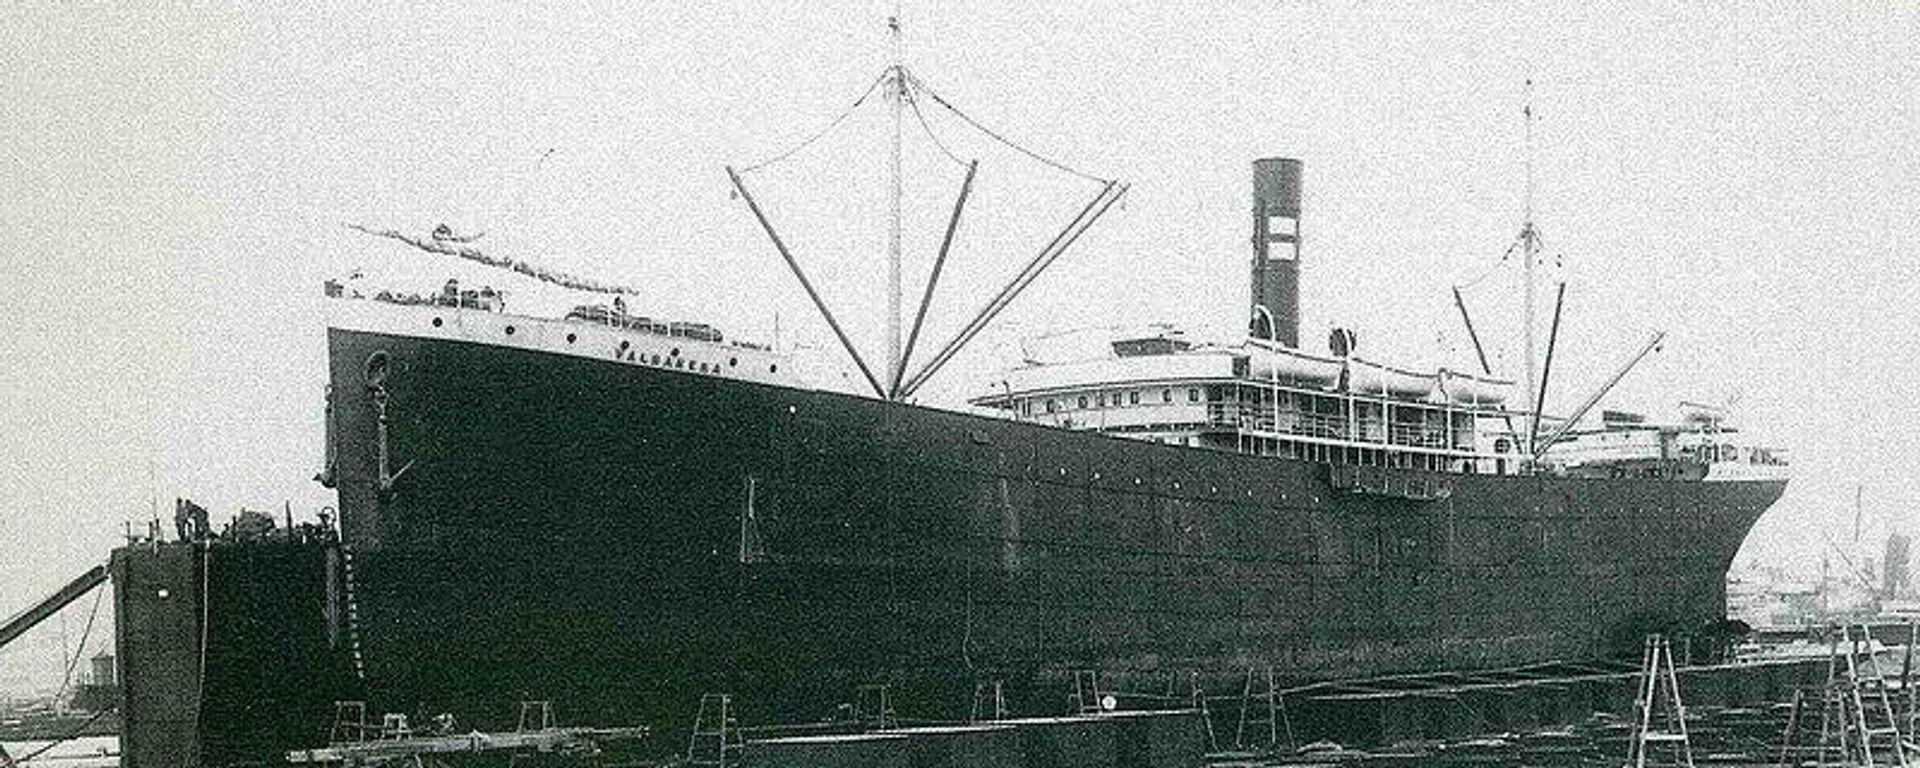 El Valbanera en el muelle de Barcelona - Sputnik Mundo, 1920, 10.09.2021